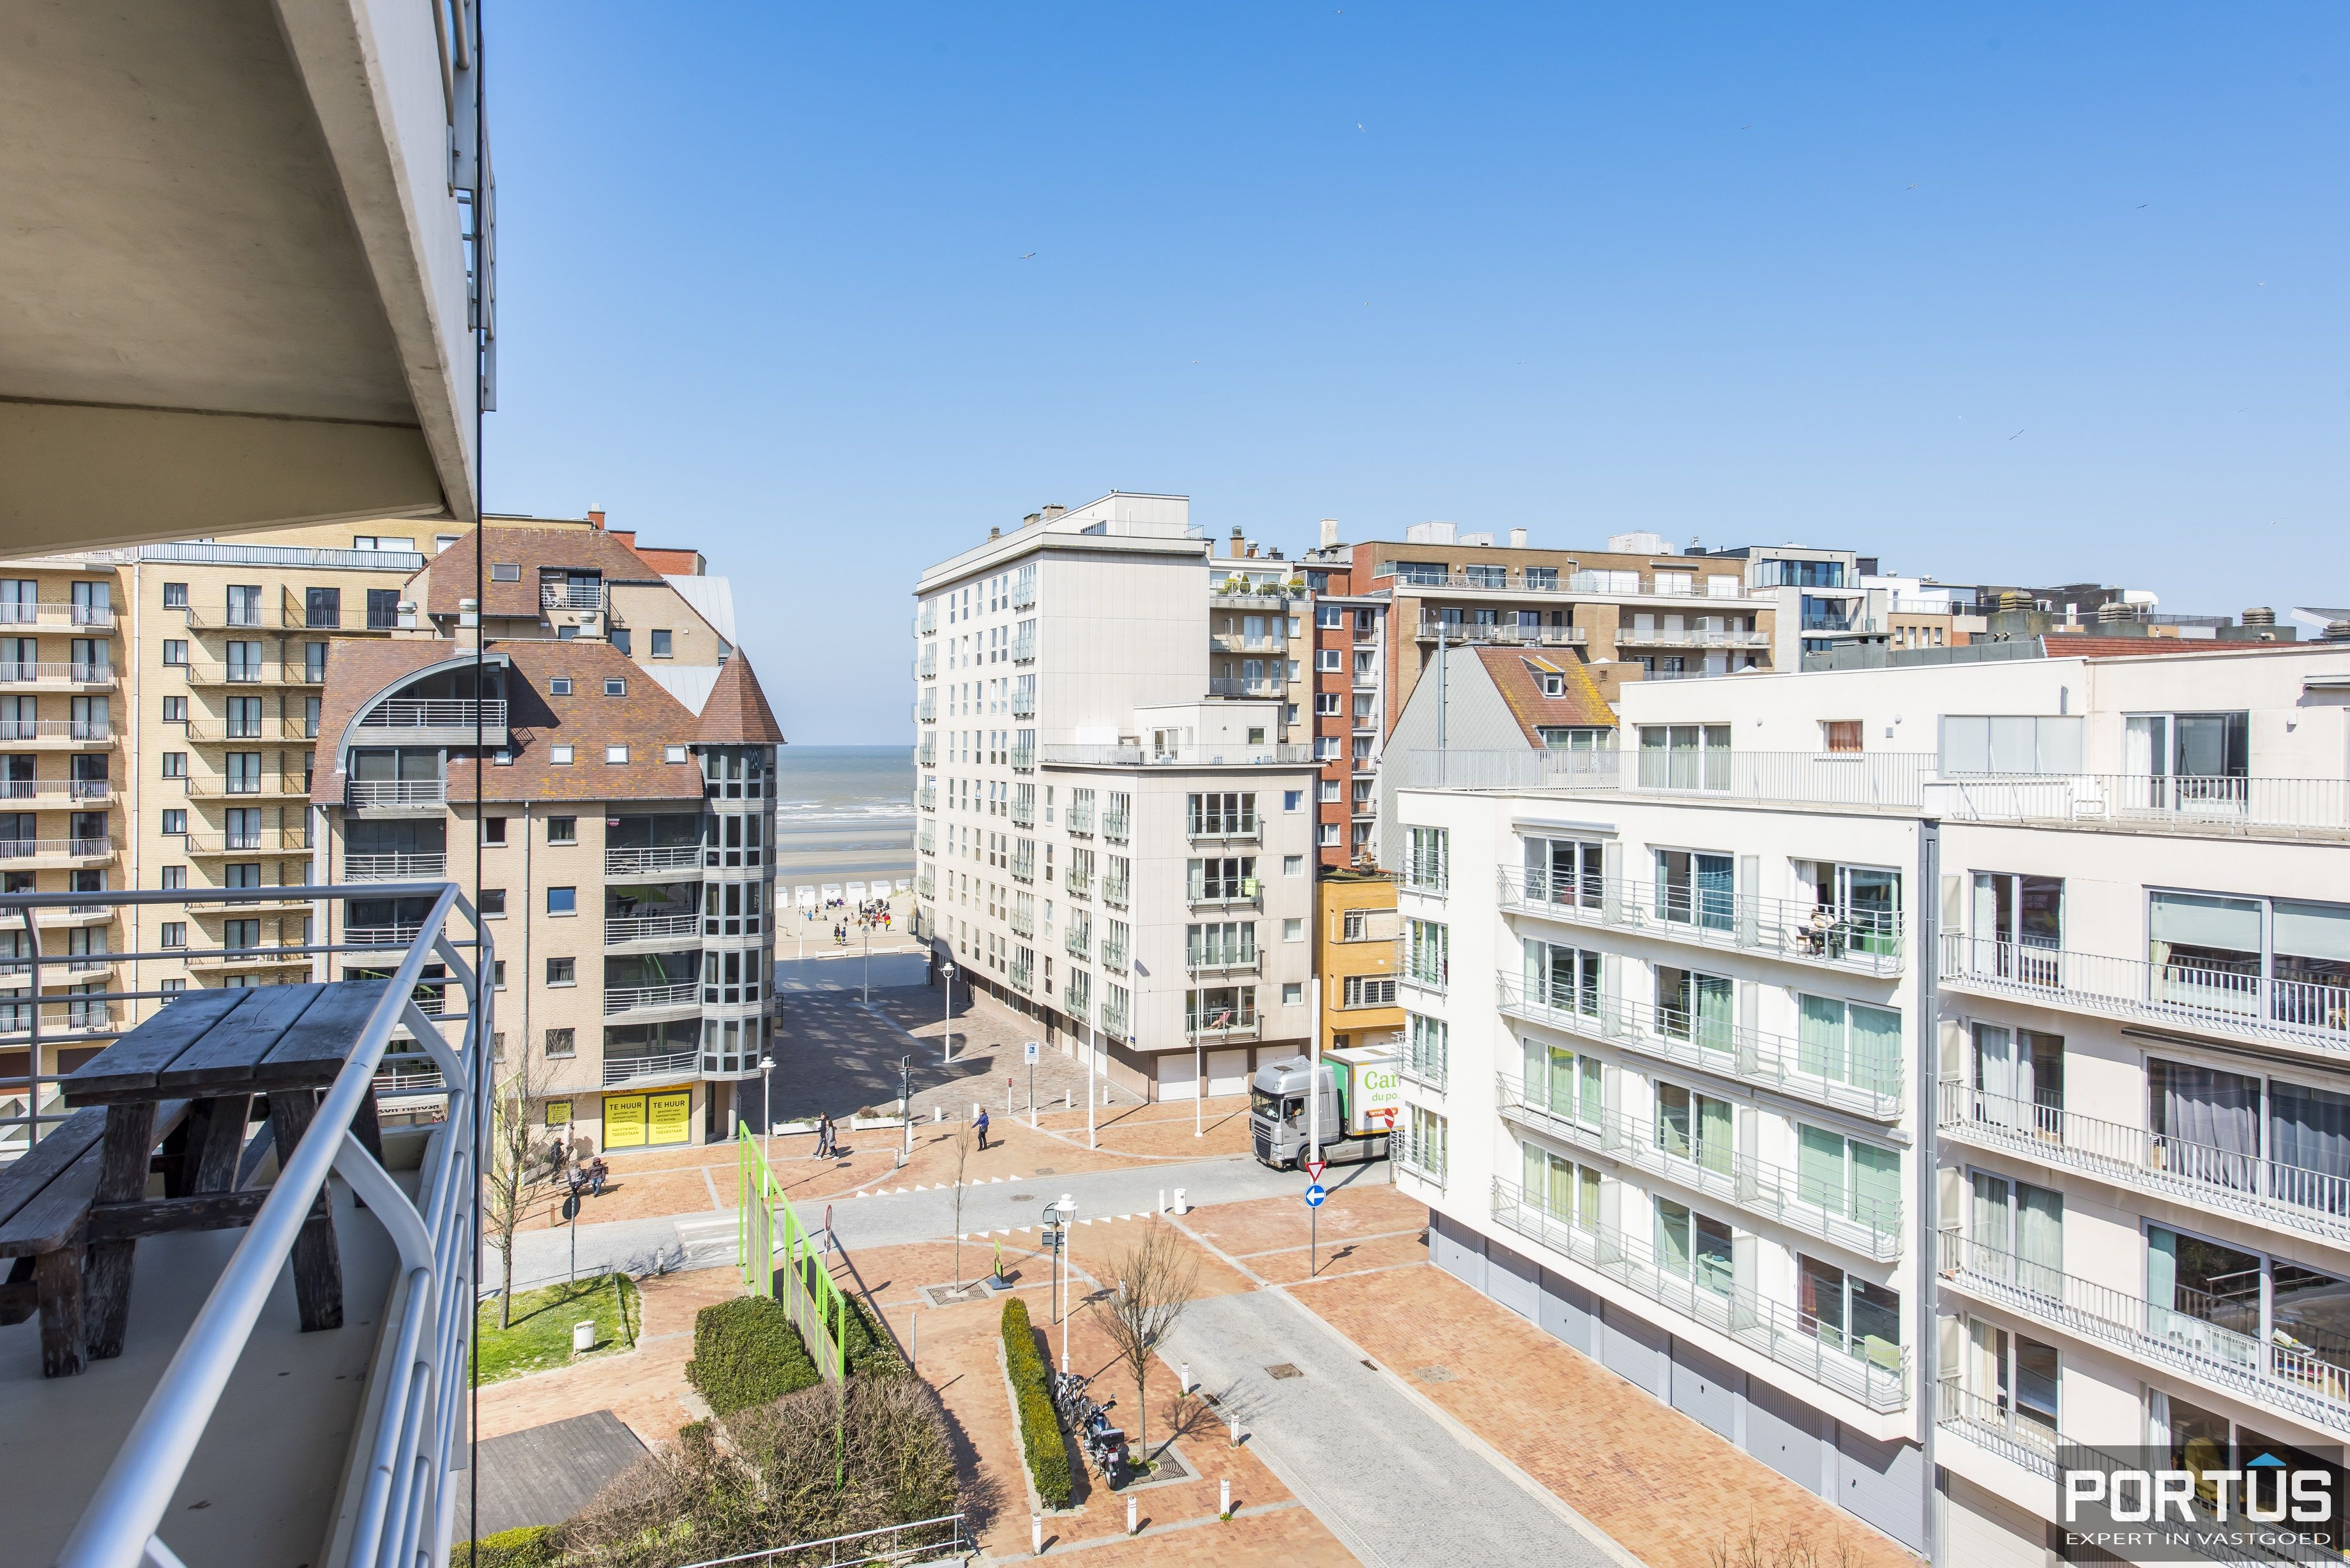 Instapklaar 1 slaapkamer appartement met ruim terras met zijdelings zeezicht te koop - 9551